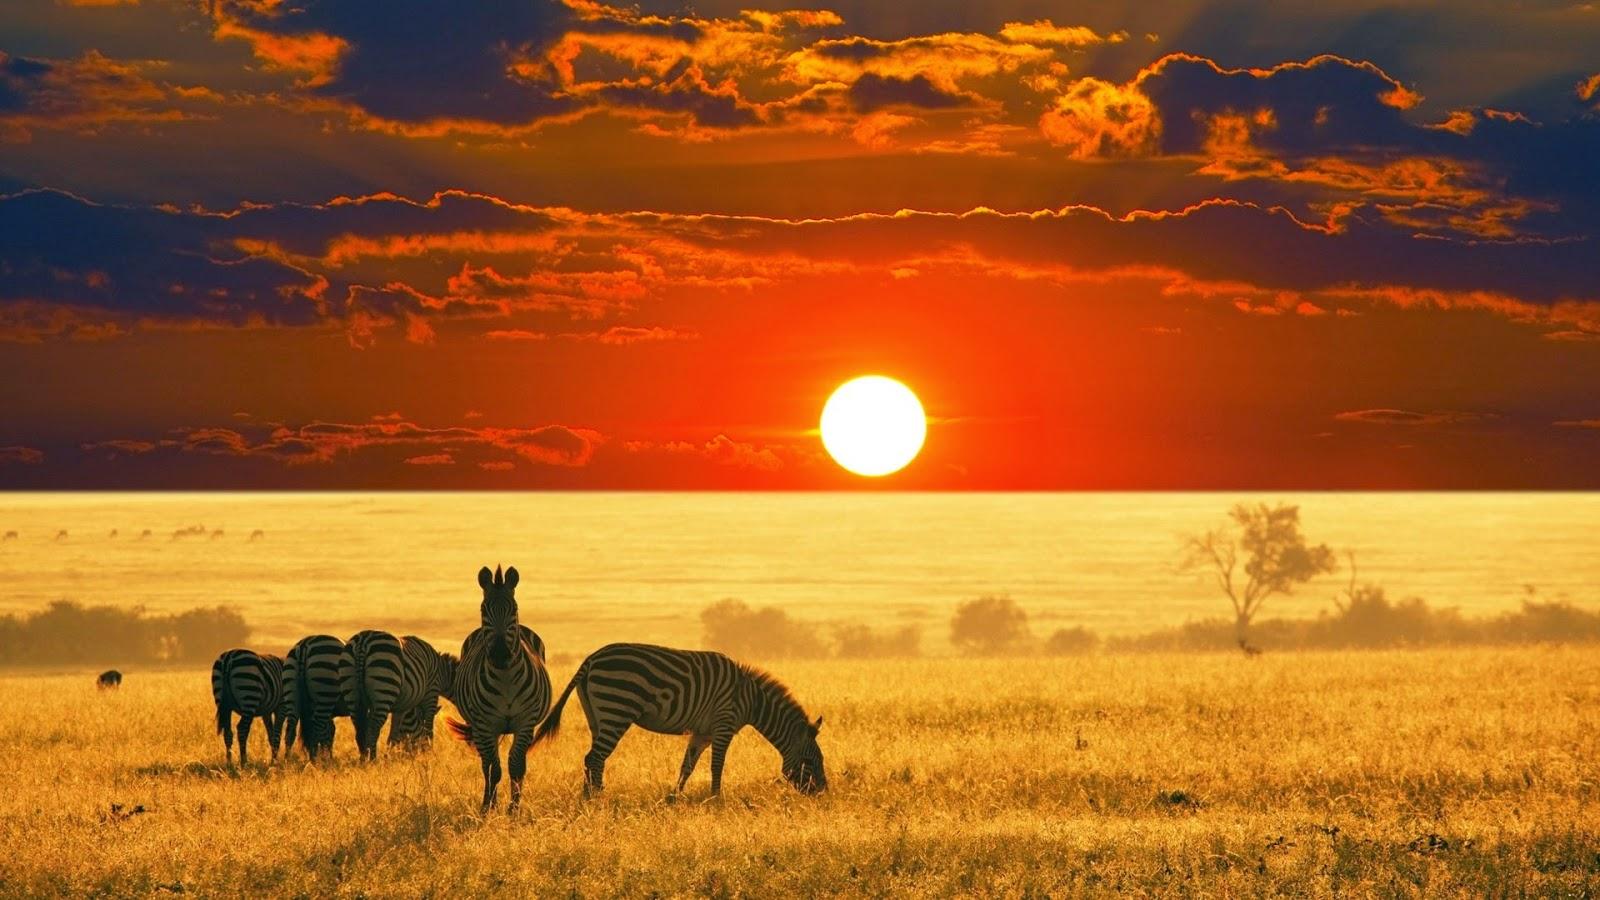 The Best of Africa - destinasjoner og attraksjoner